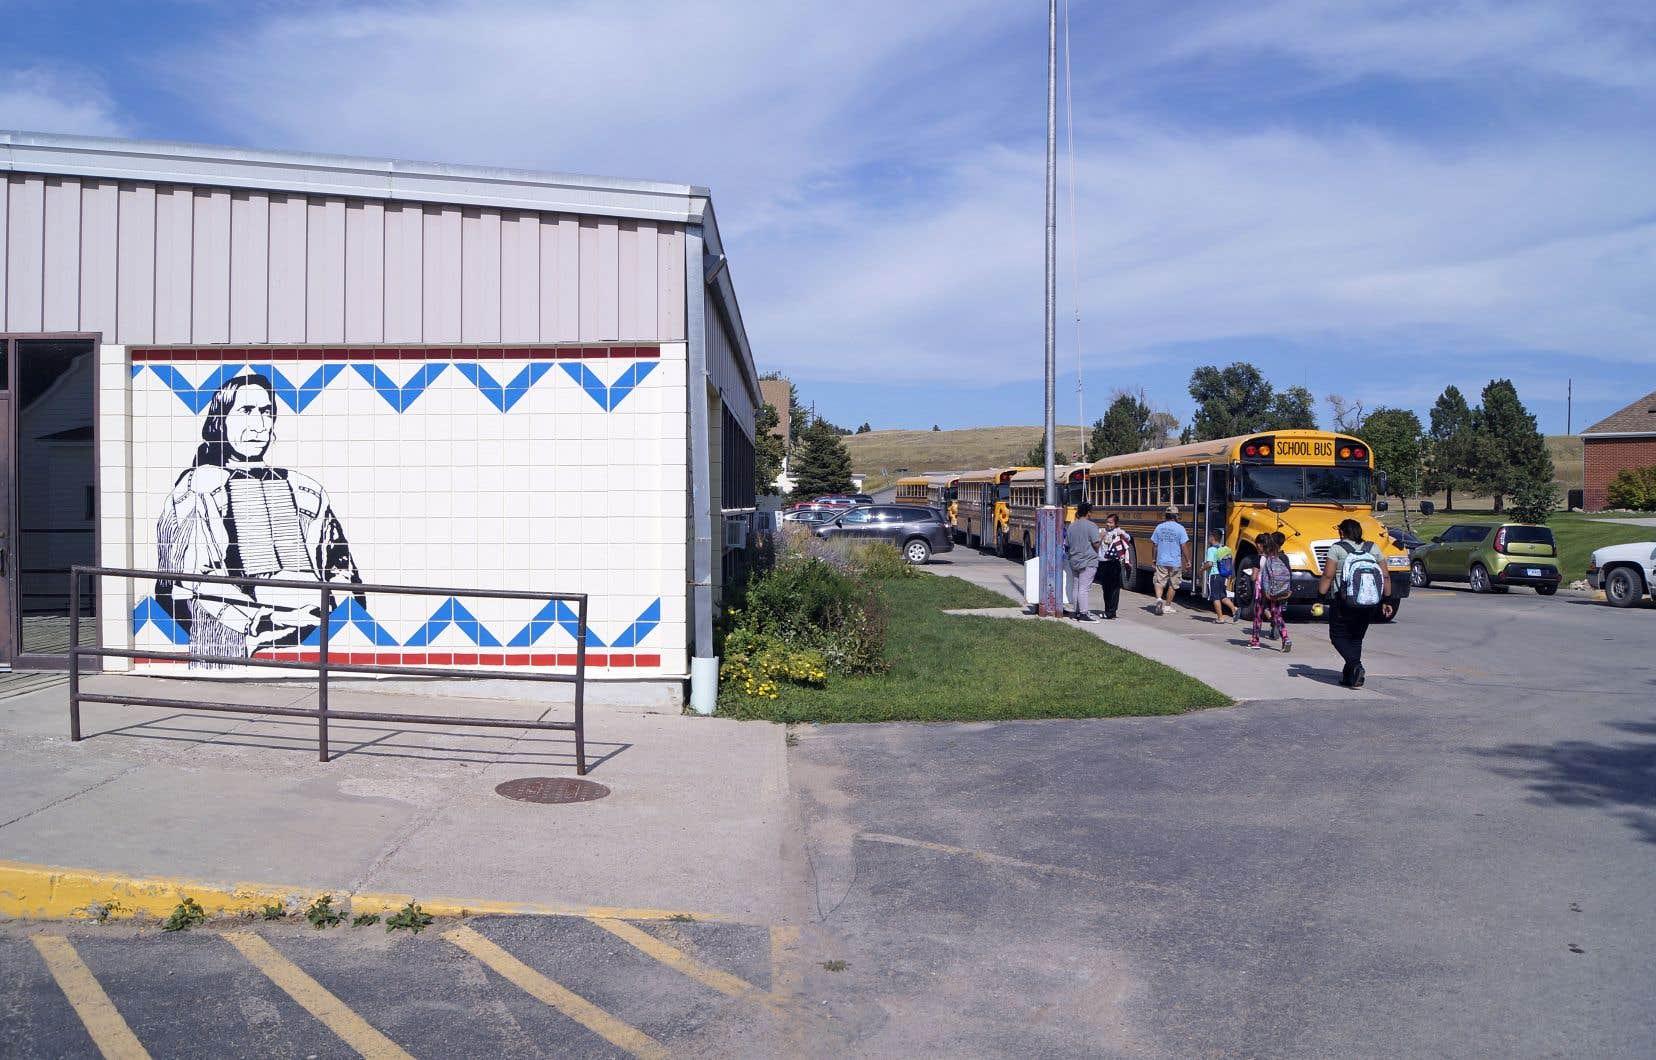 Les élèves de l'école primaire et secondaire d'un des campus de Red Cloud retournent à la maison après une journée de classe.